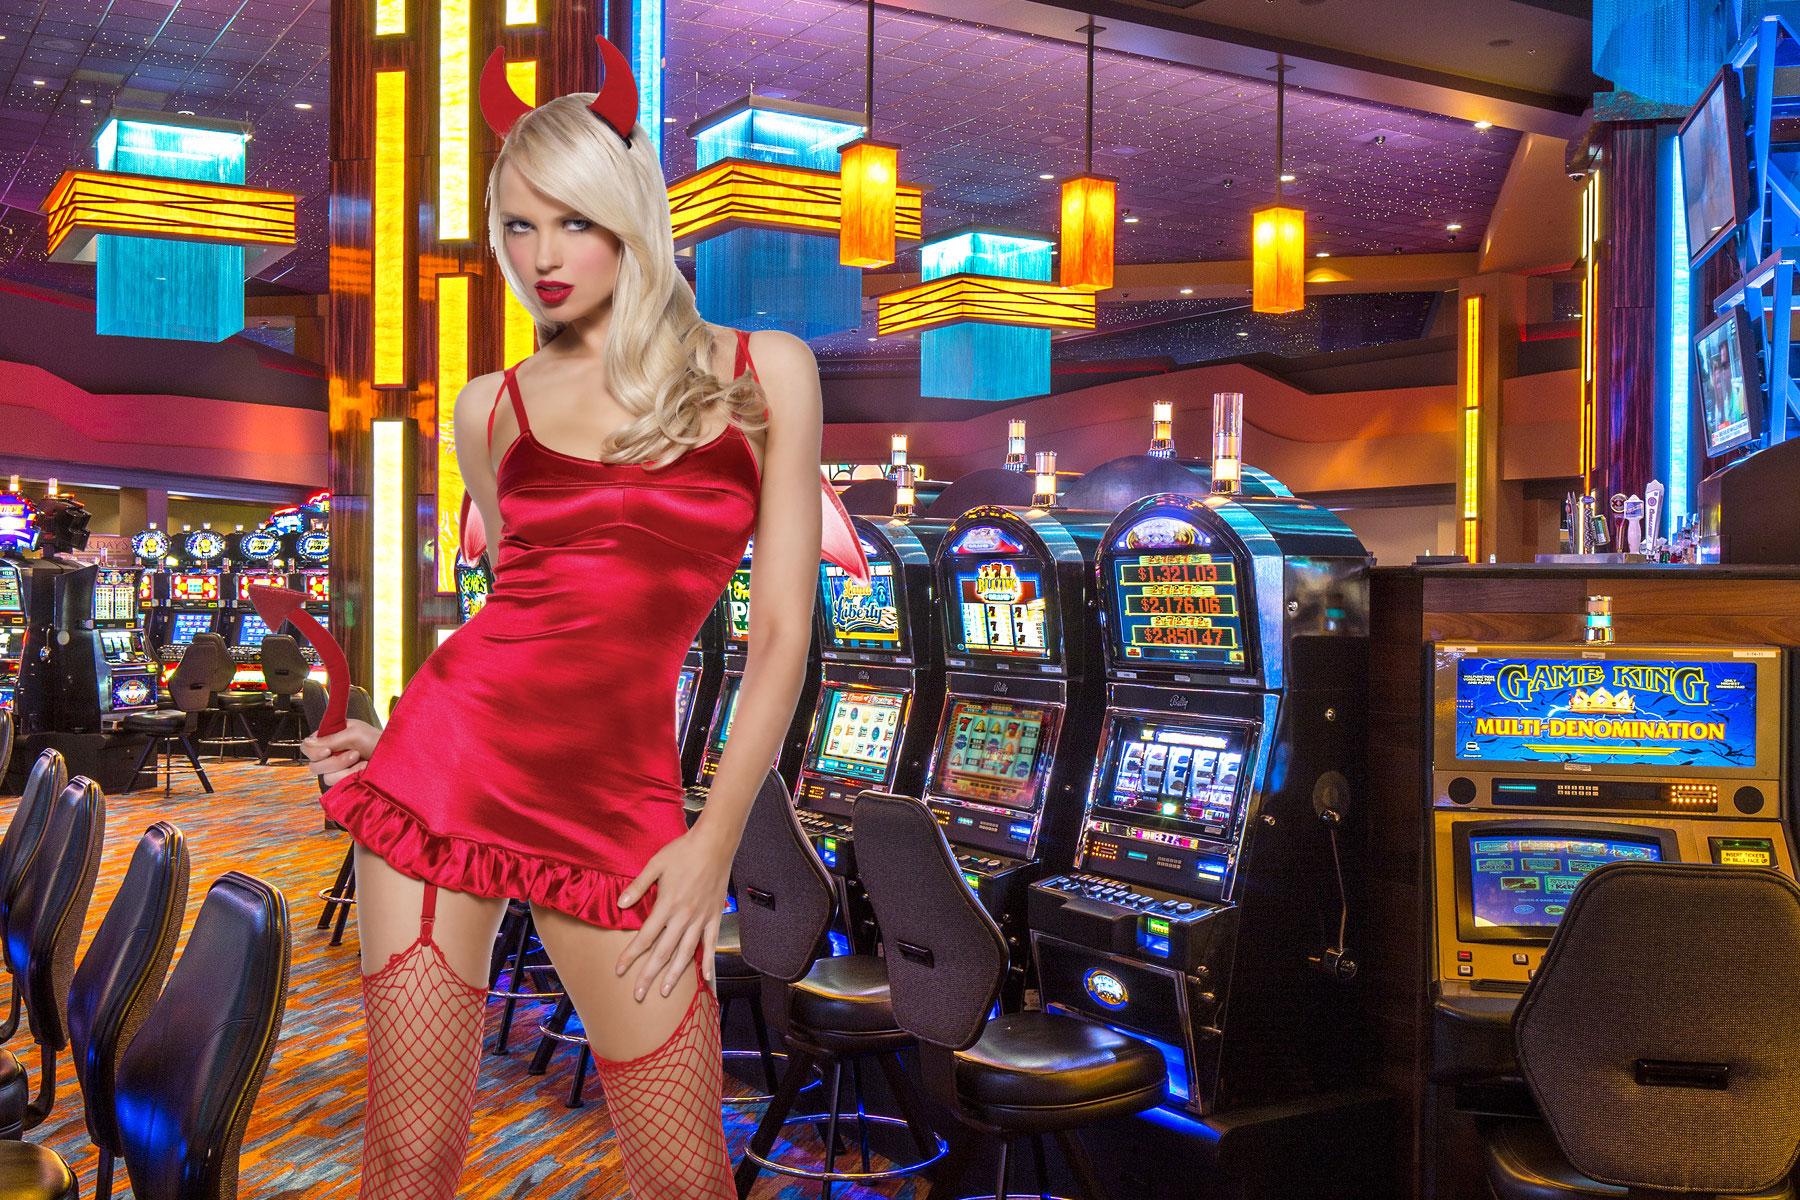 Как играть и зарабатывать на онлайн играх в казино 777 1